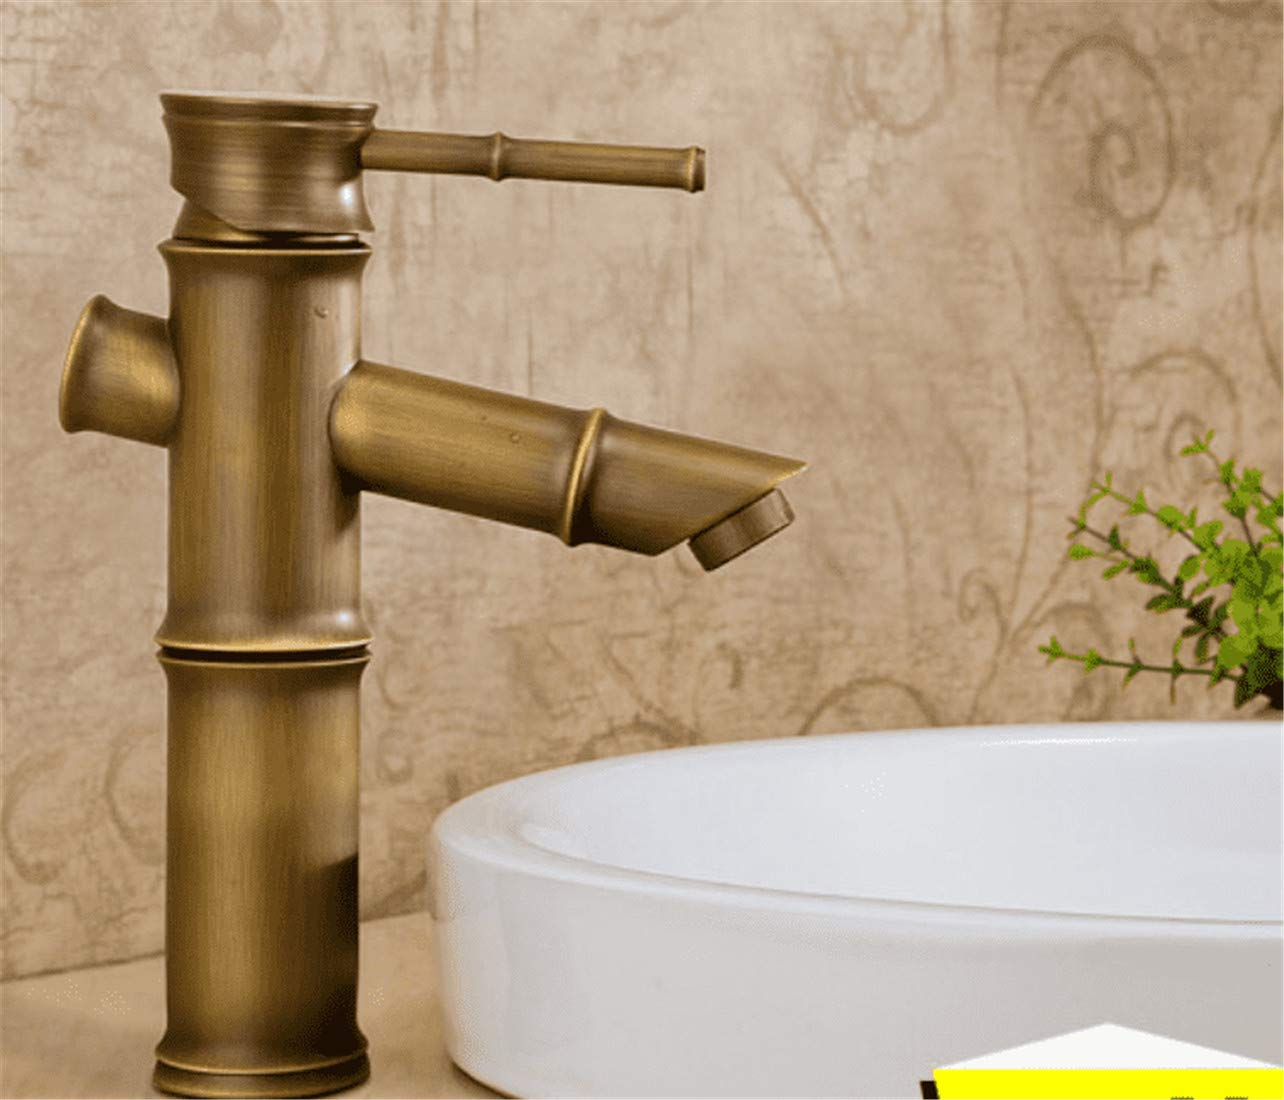 Mucert Tippen, Alle Kupfer, Europäischen Stil Archaize Tippen, Heißes Und Kaltes Wasser, Bad Retro Waschbecken Wasserhahn, A